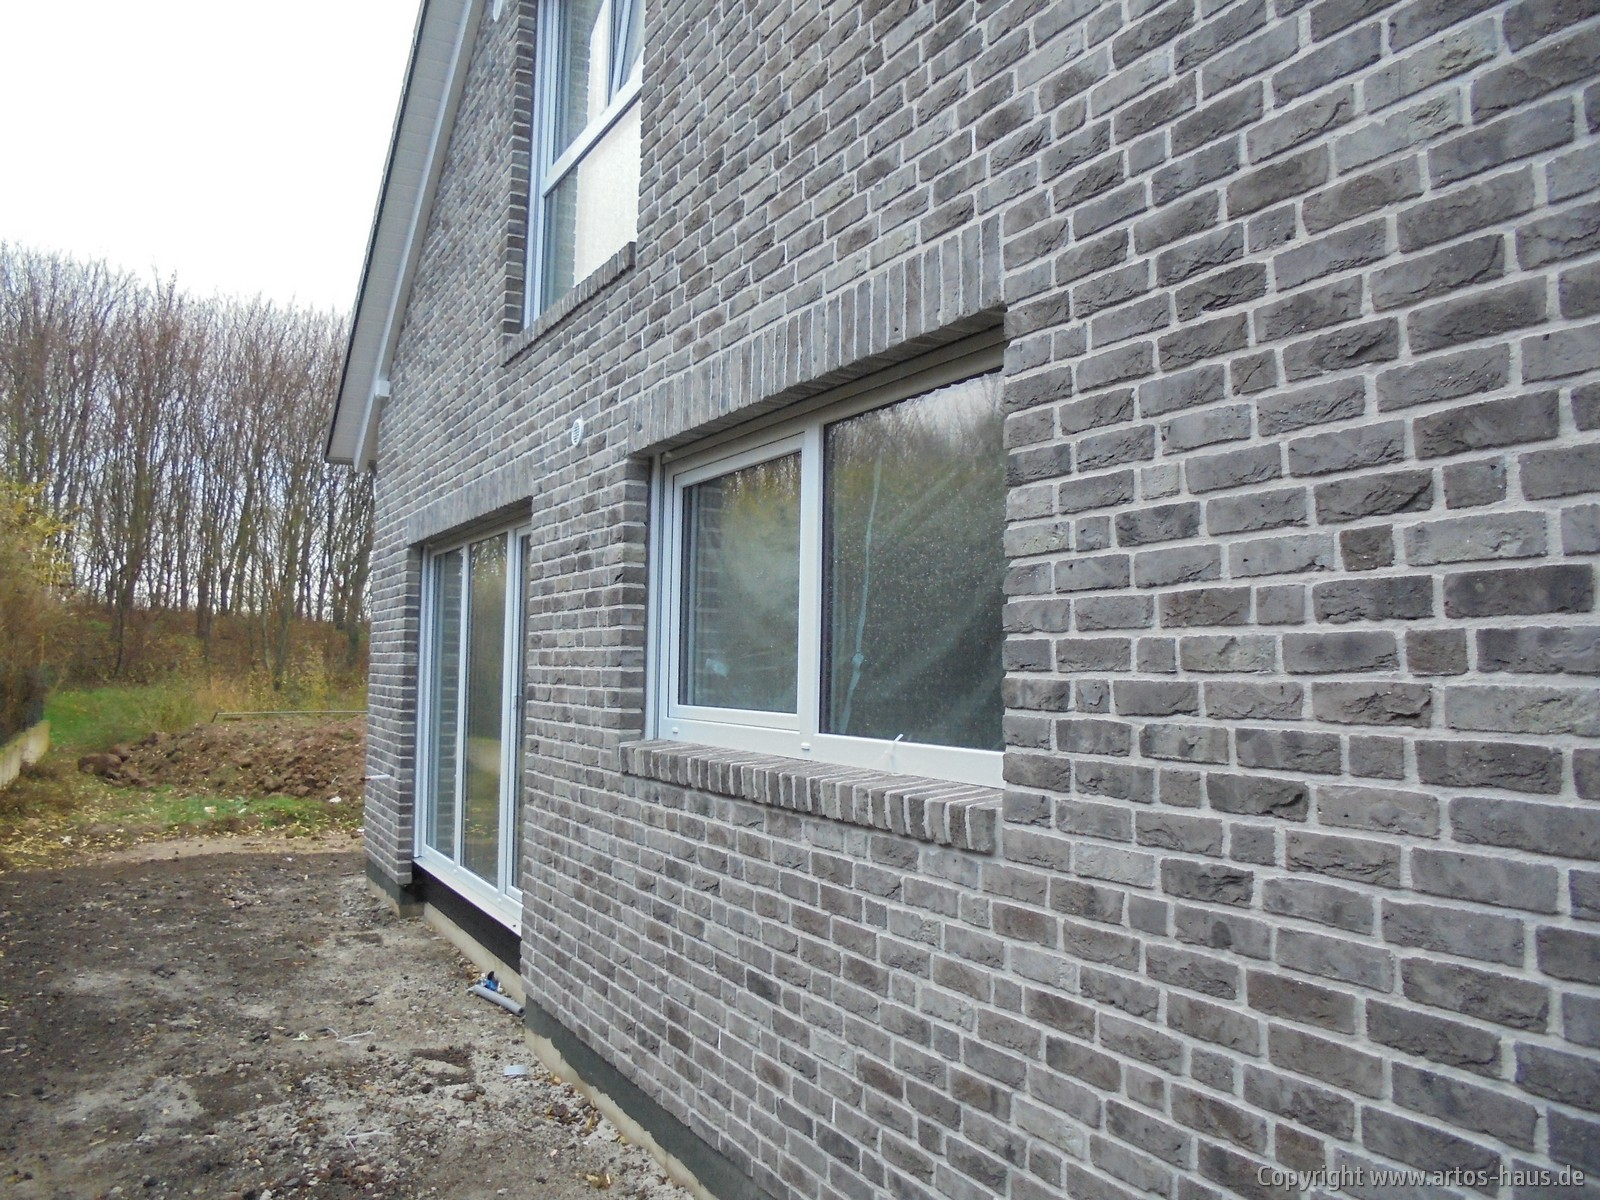 ARTOS Haus Verklinkerung BV Euskirchen, Bild 3